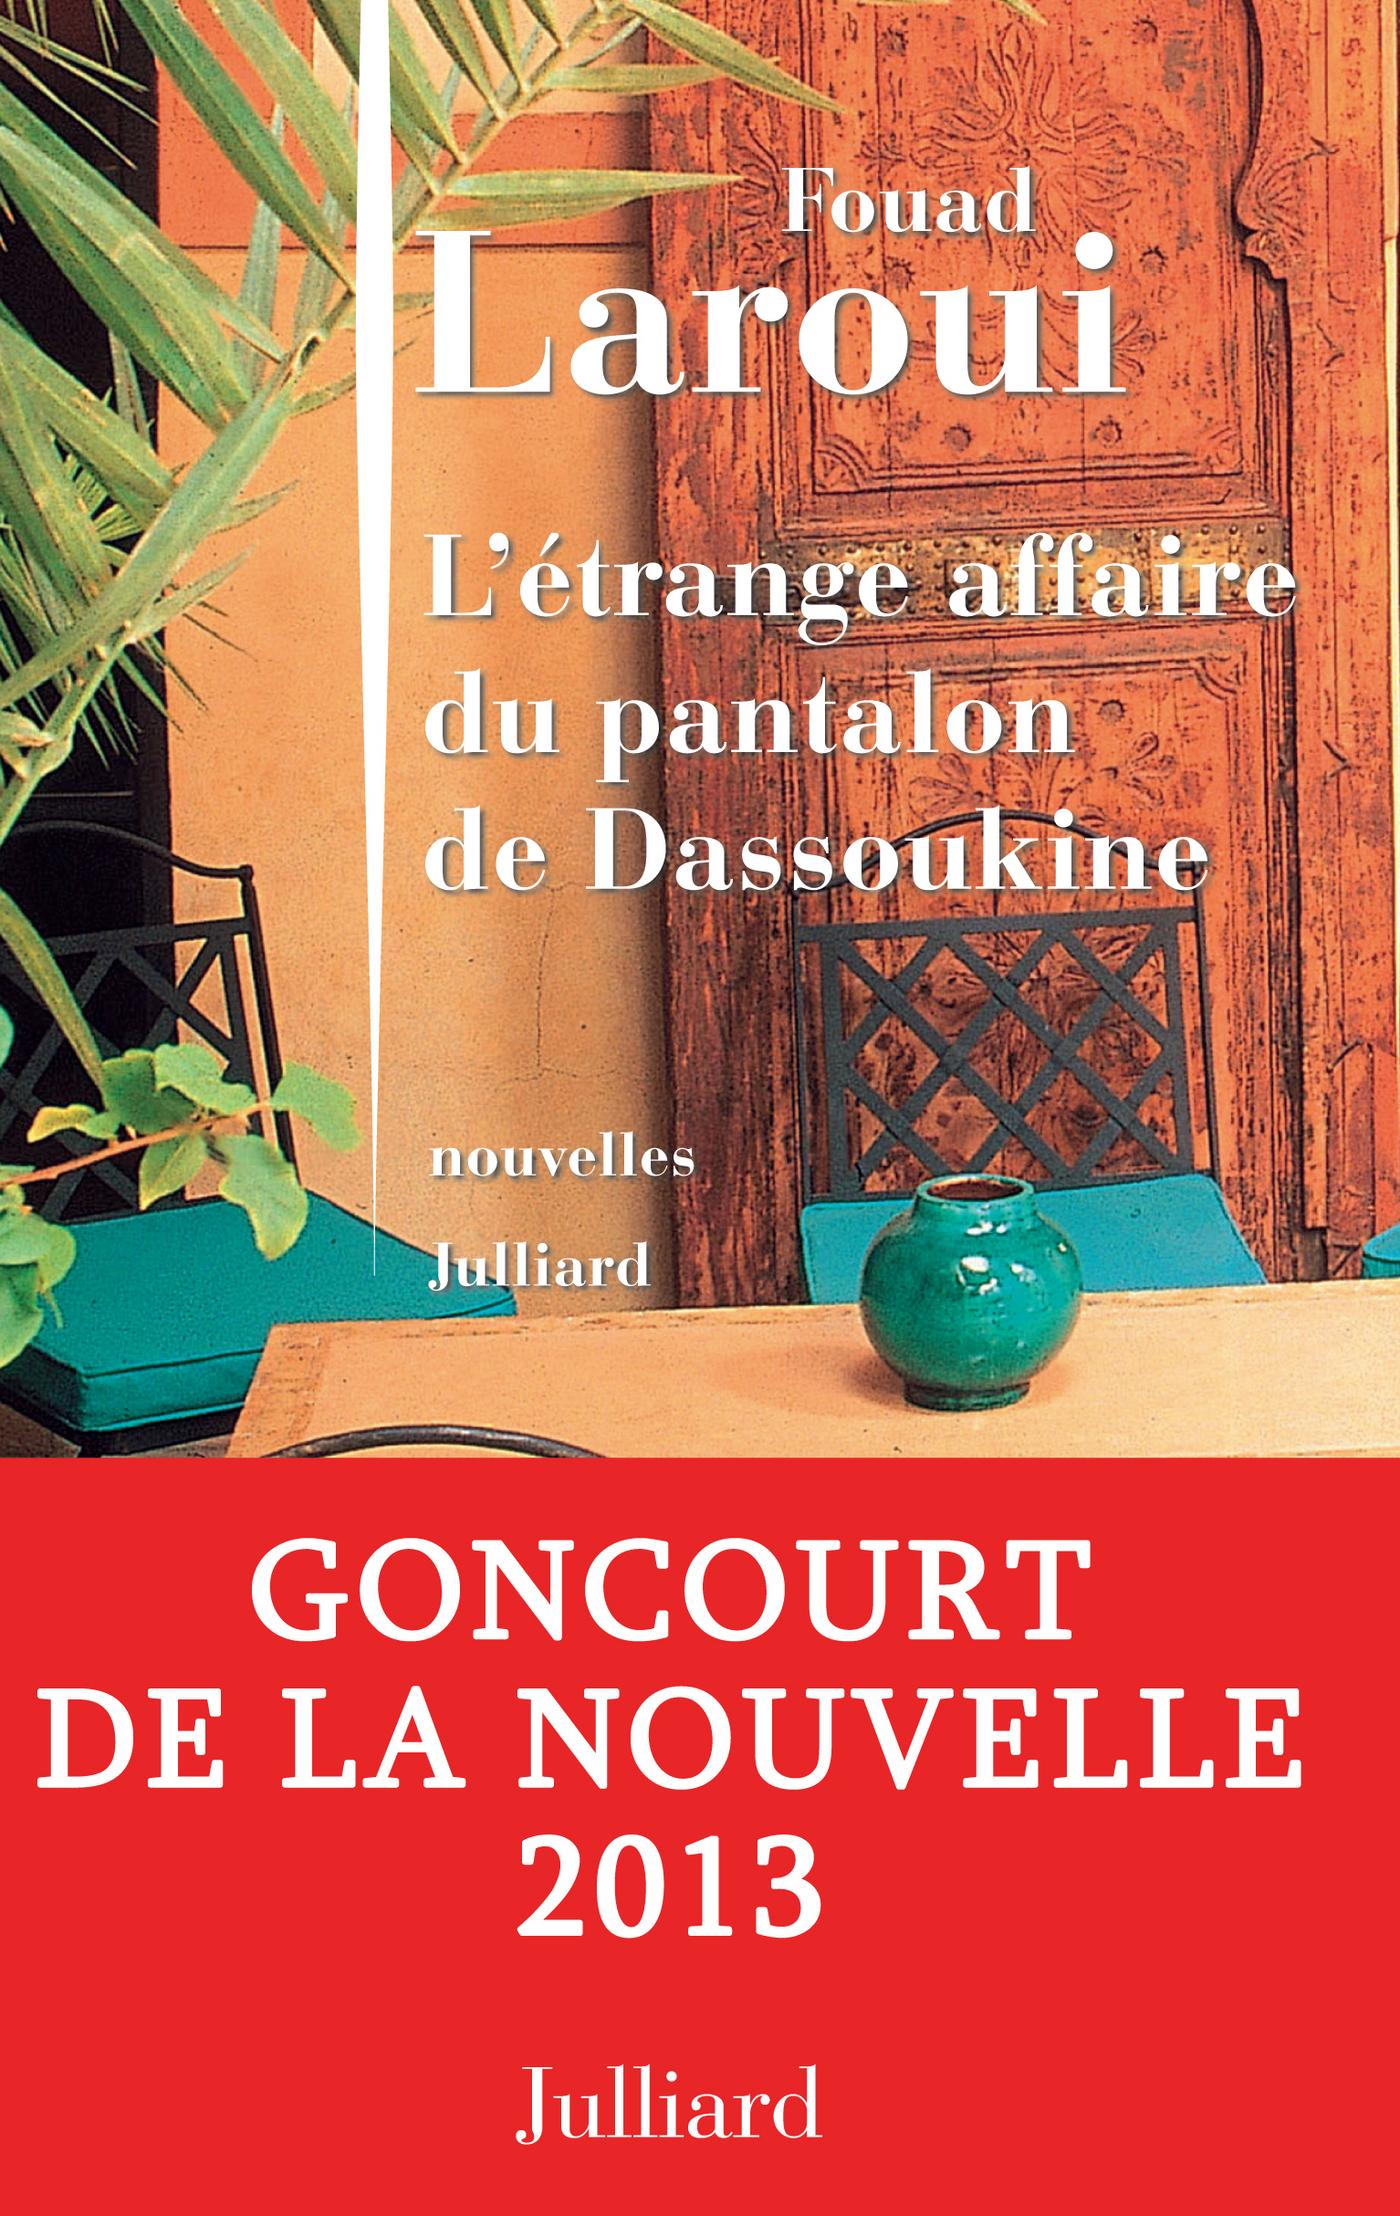 L'étrange affaire du pantalon de Dassoukine | LAROUI, Fouad